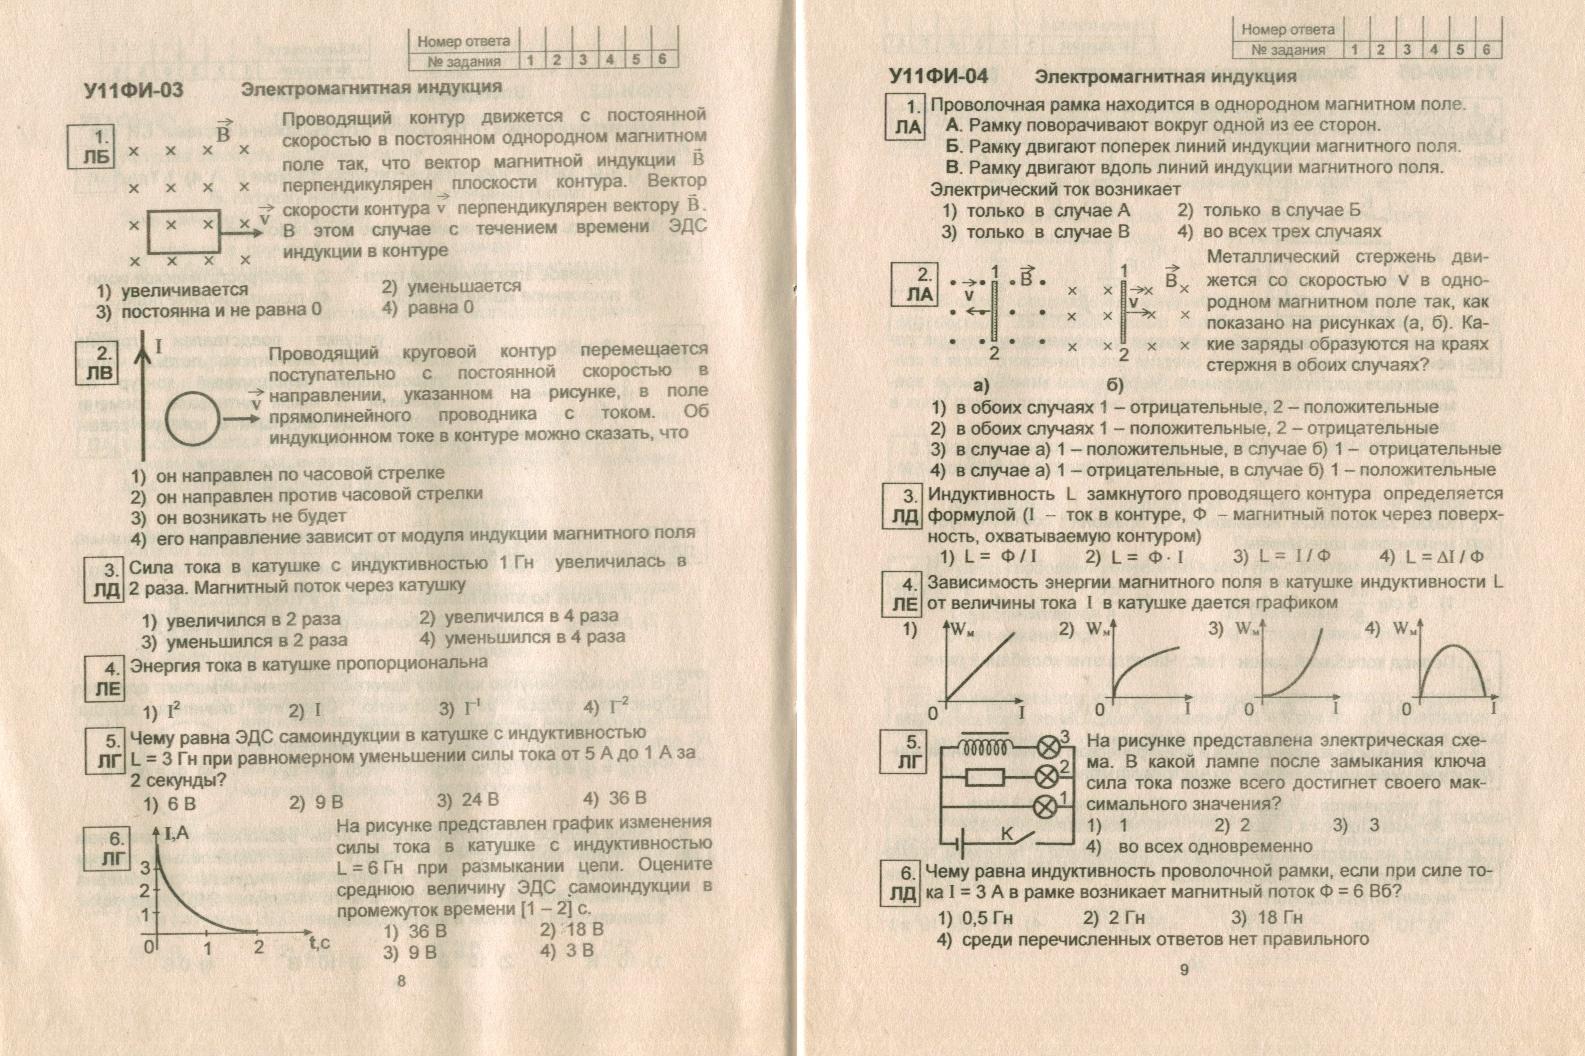 Гдз по физике 10 класс сборник текстовых заданий